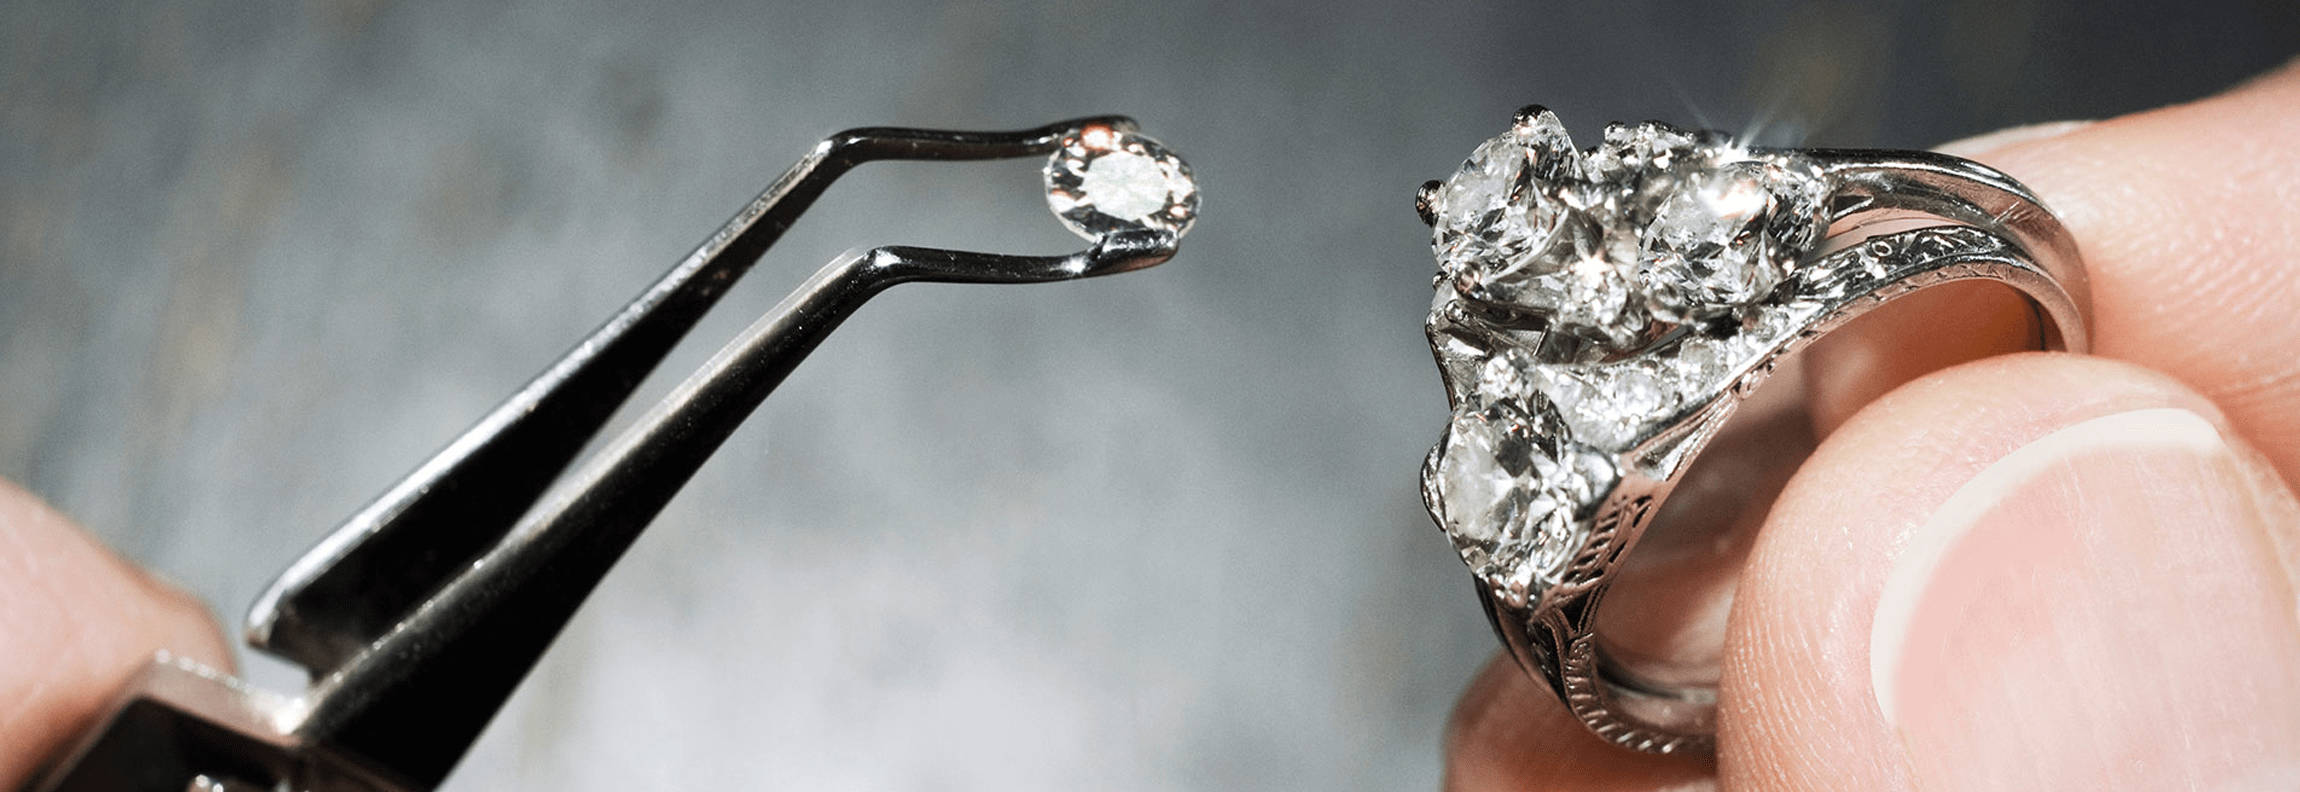 Joseph's Fine Jewelry - Jewelry Repair